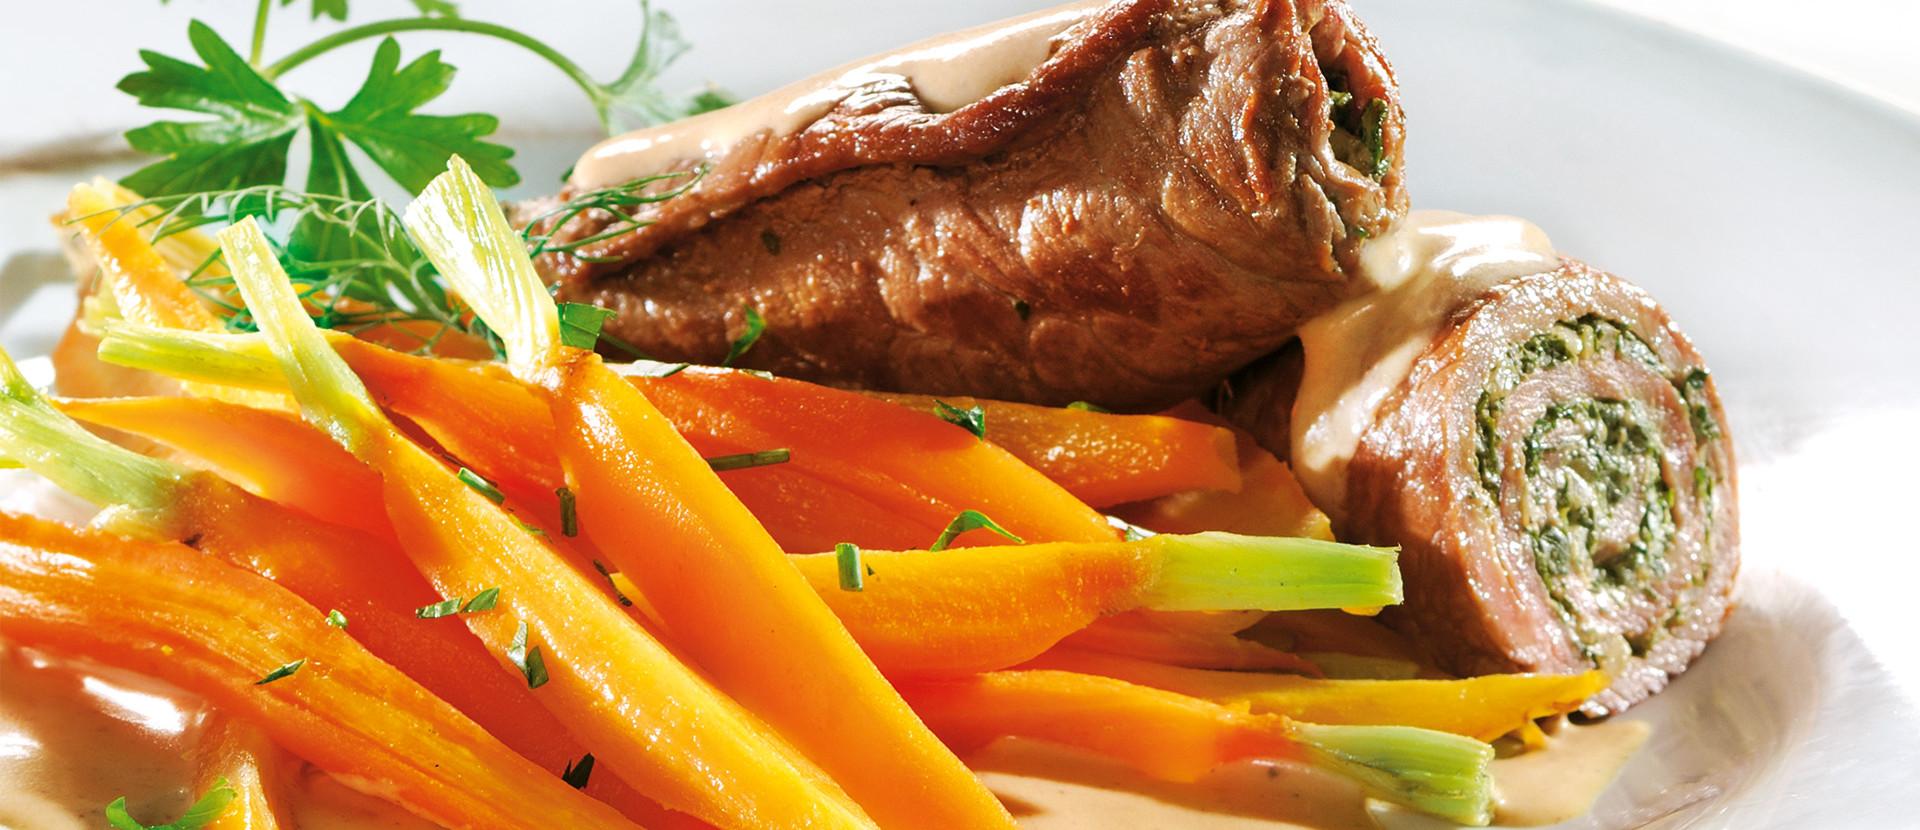 Gewickelte Kräuterschnitzel mit Möhren und Senfsauce